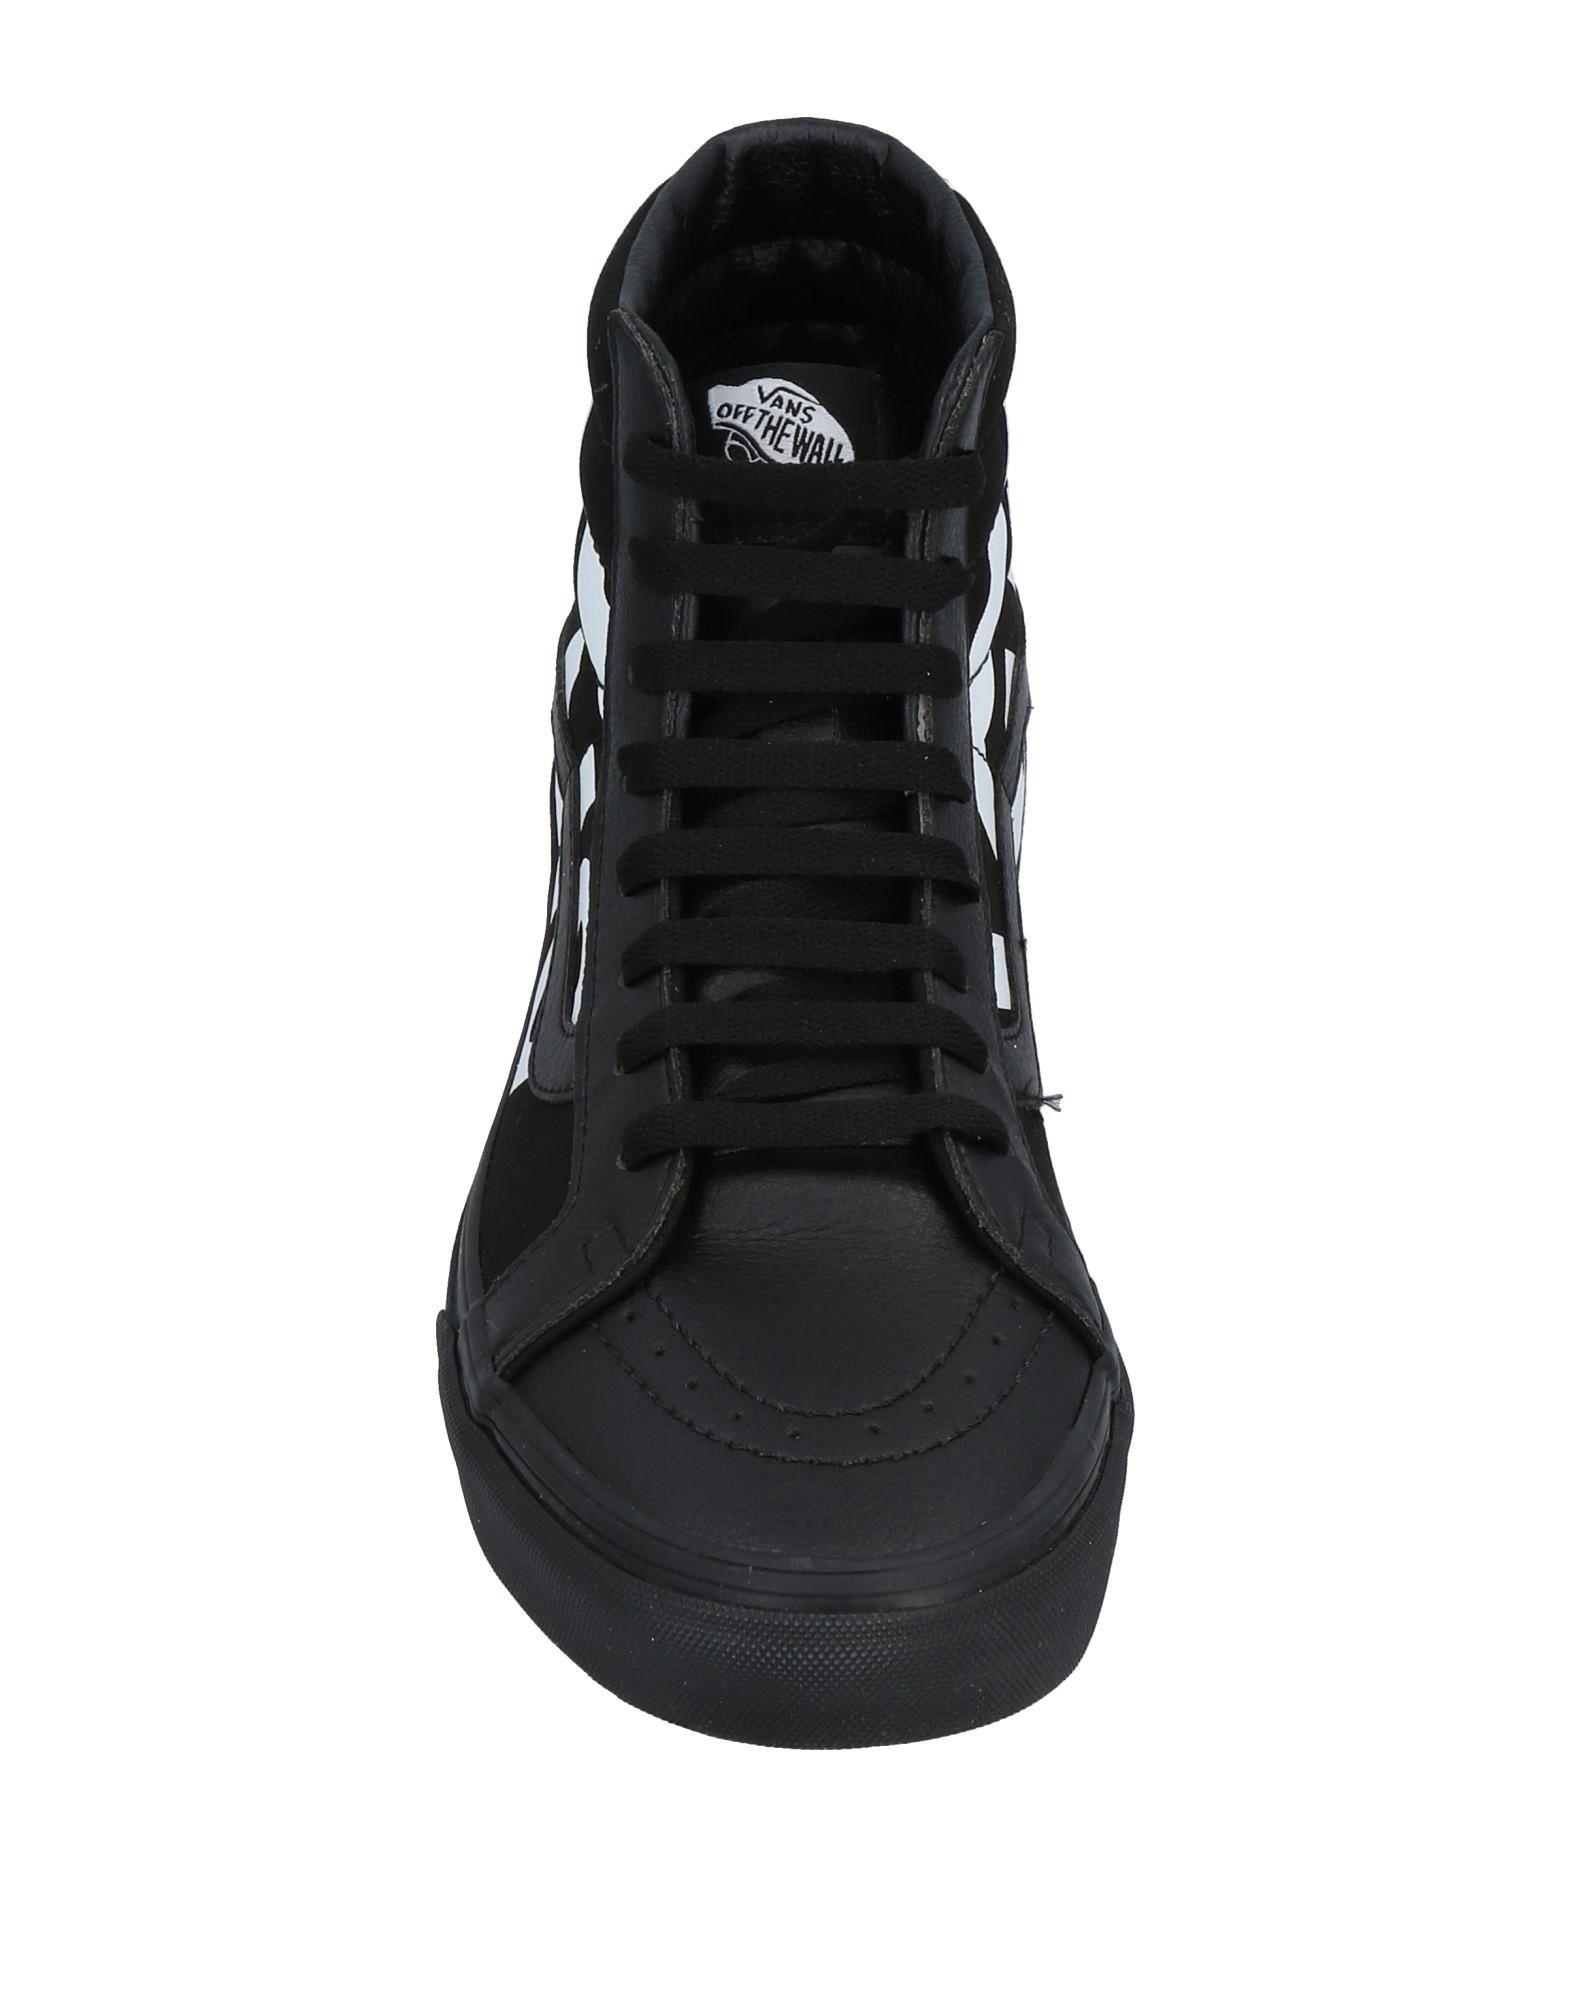 Vans Sneakers Herren Heiße  11490833DW Heiße Herren Schuhe 072513